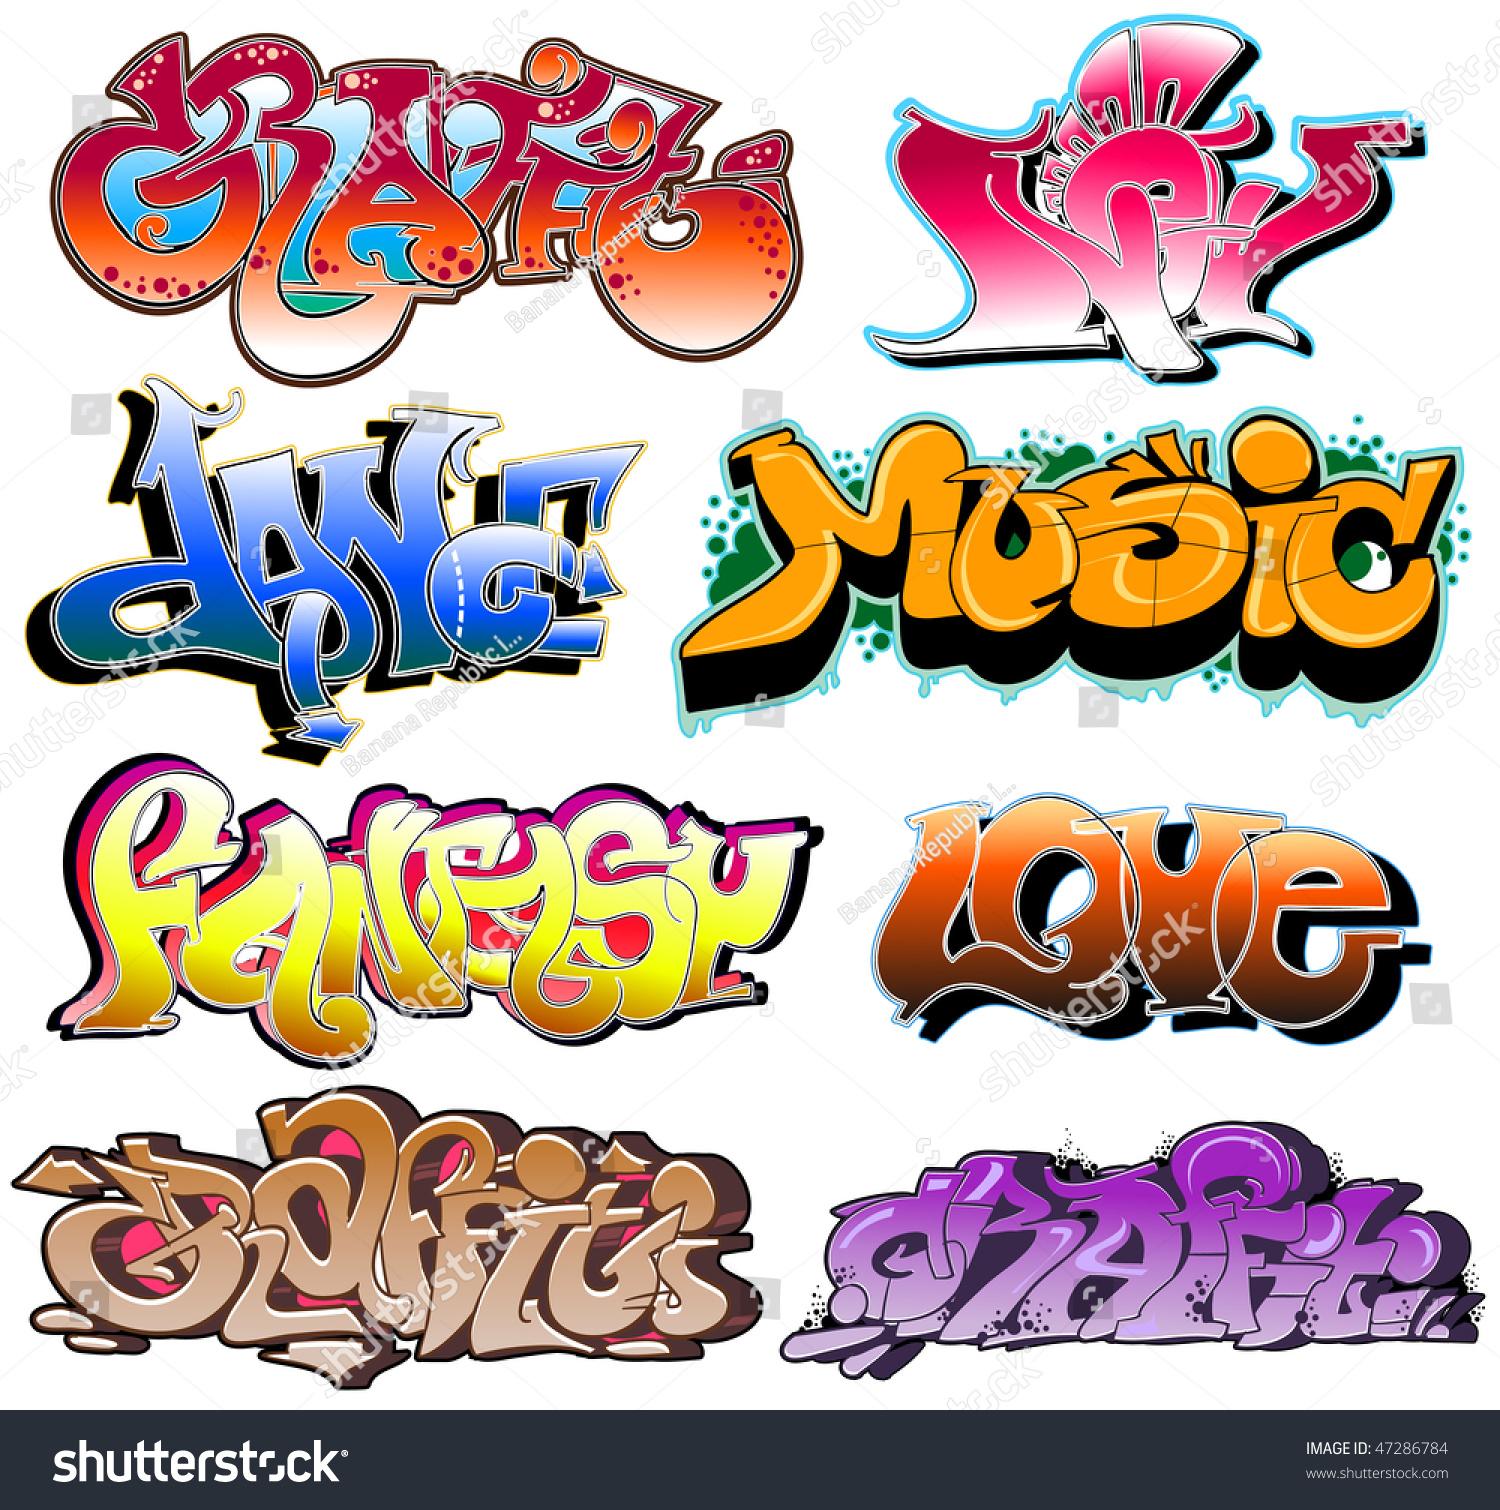 Graffiti art design - Graffiti Urban Art Vector Design